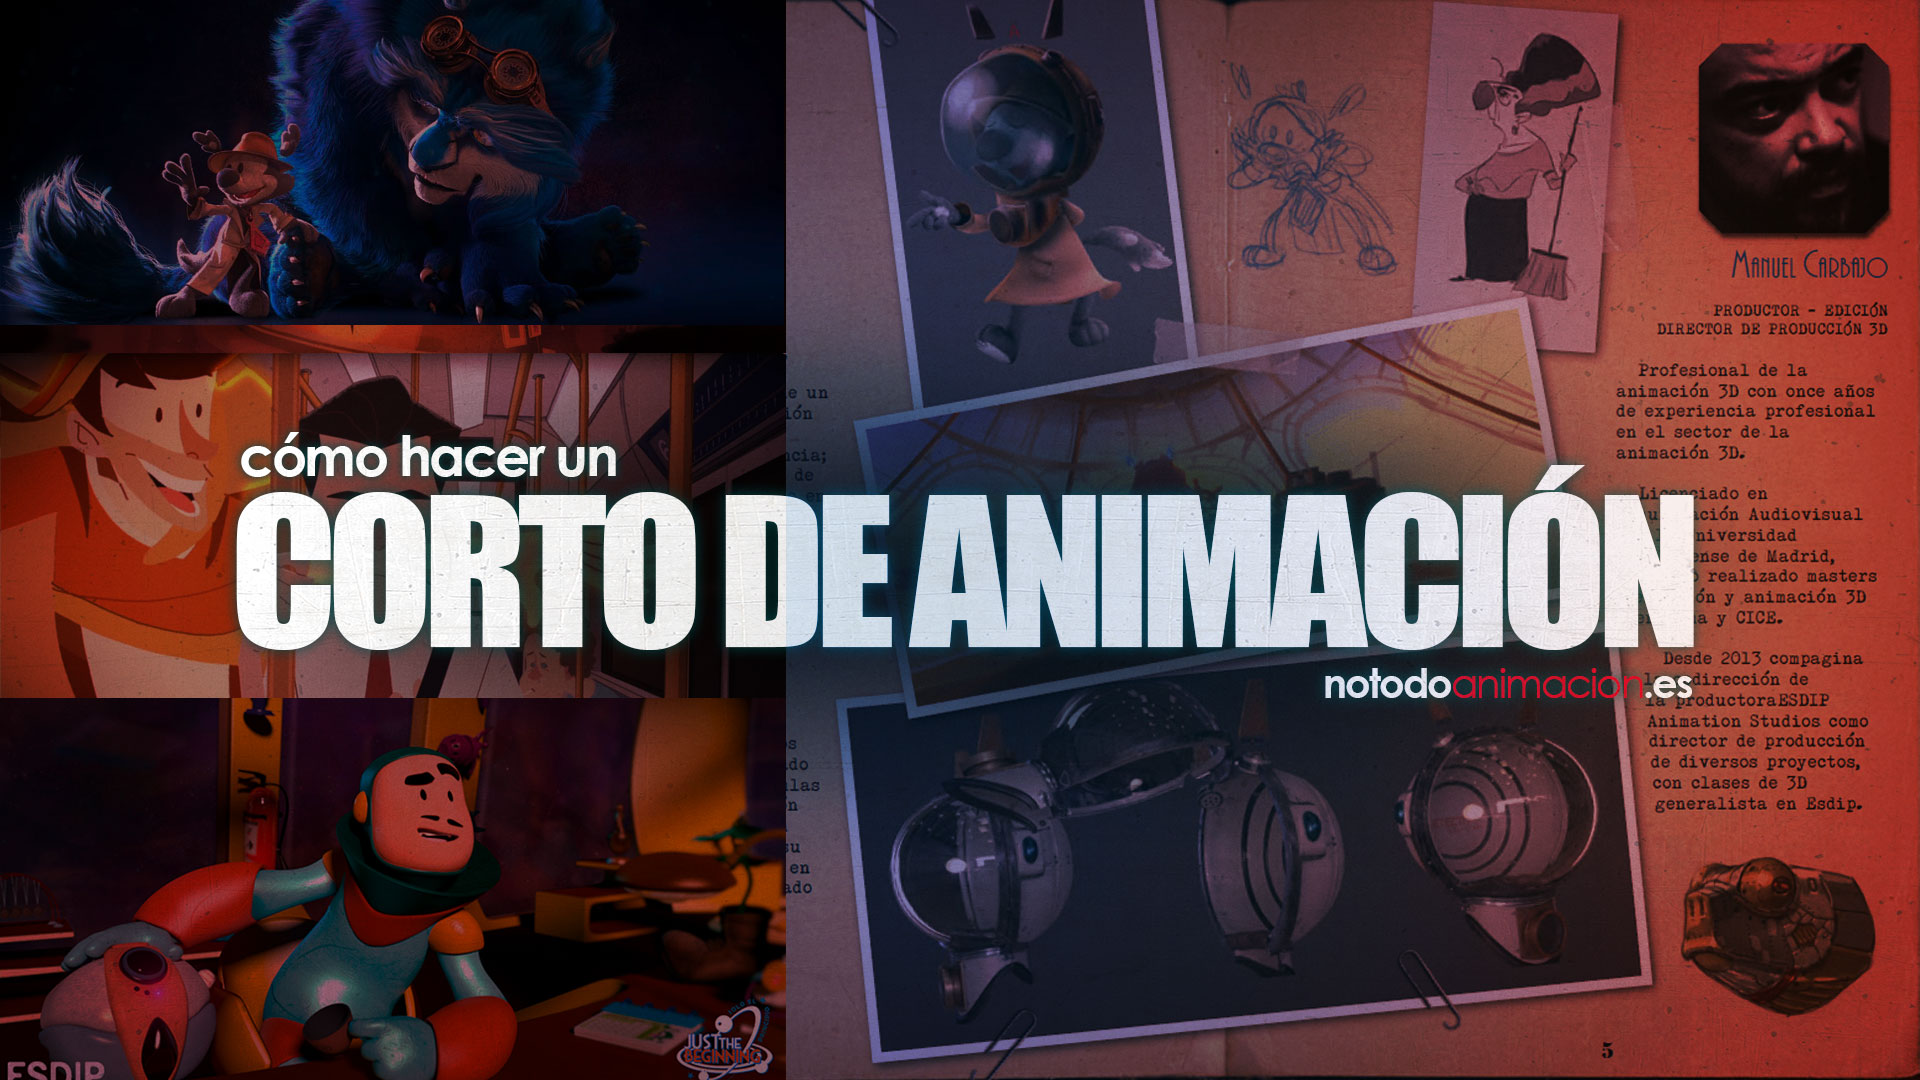 cómo hacer un corto de animación 3d 2d